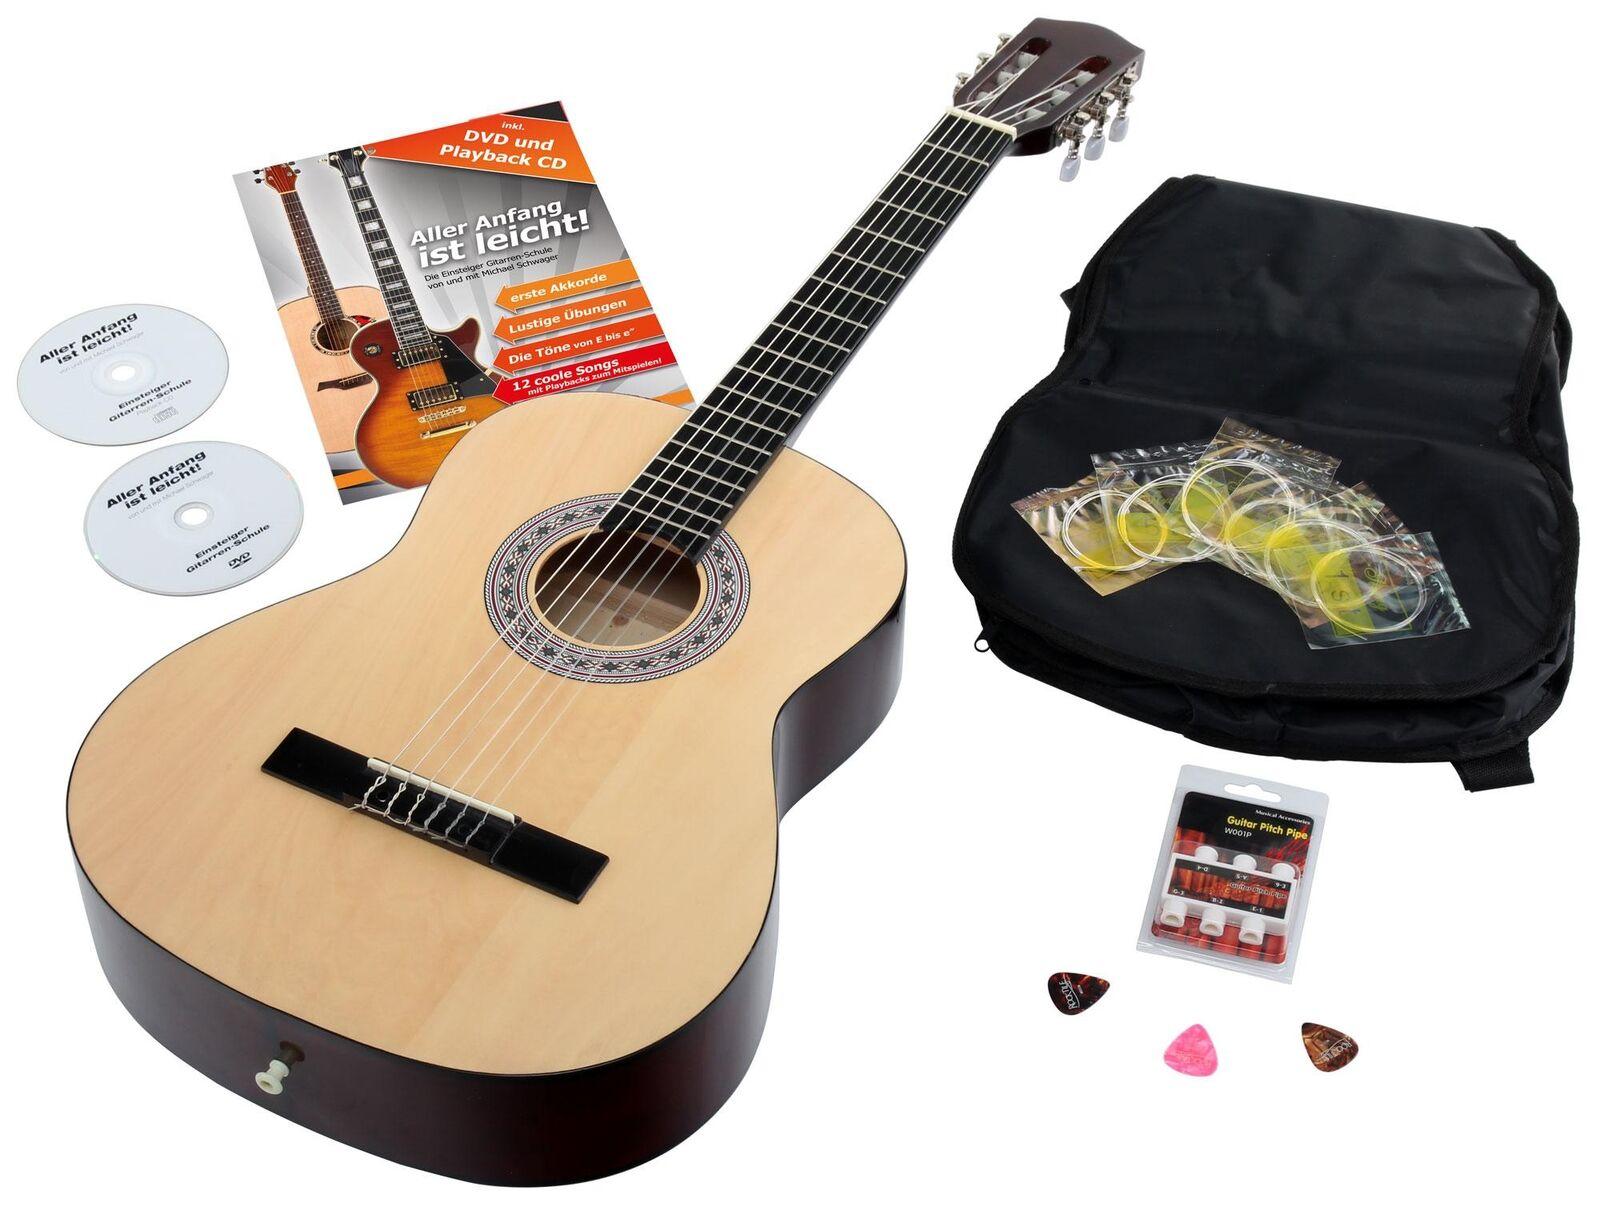 Schöne Kindergitarre mit Zubehör - der perfekte Einstieg in die Welt der Musik